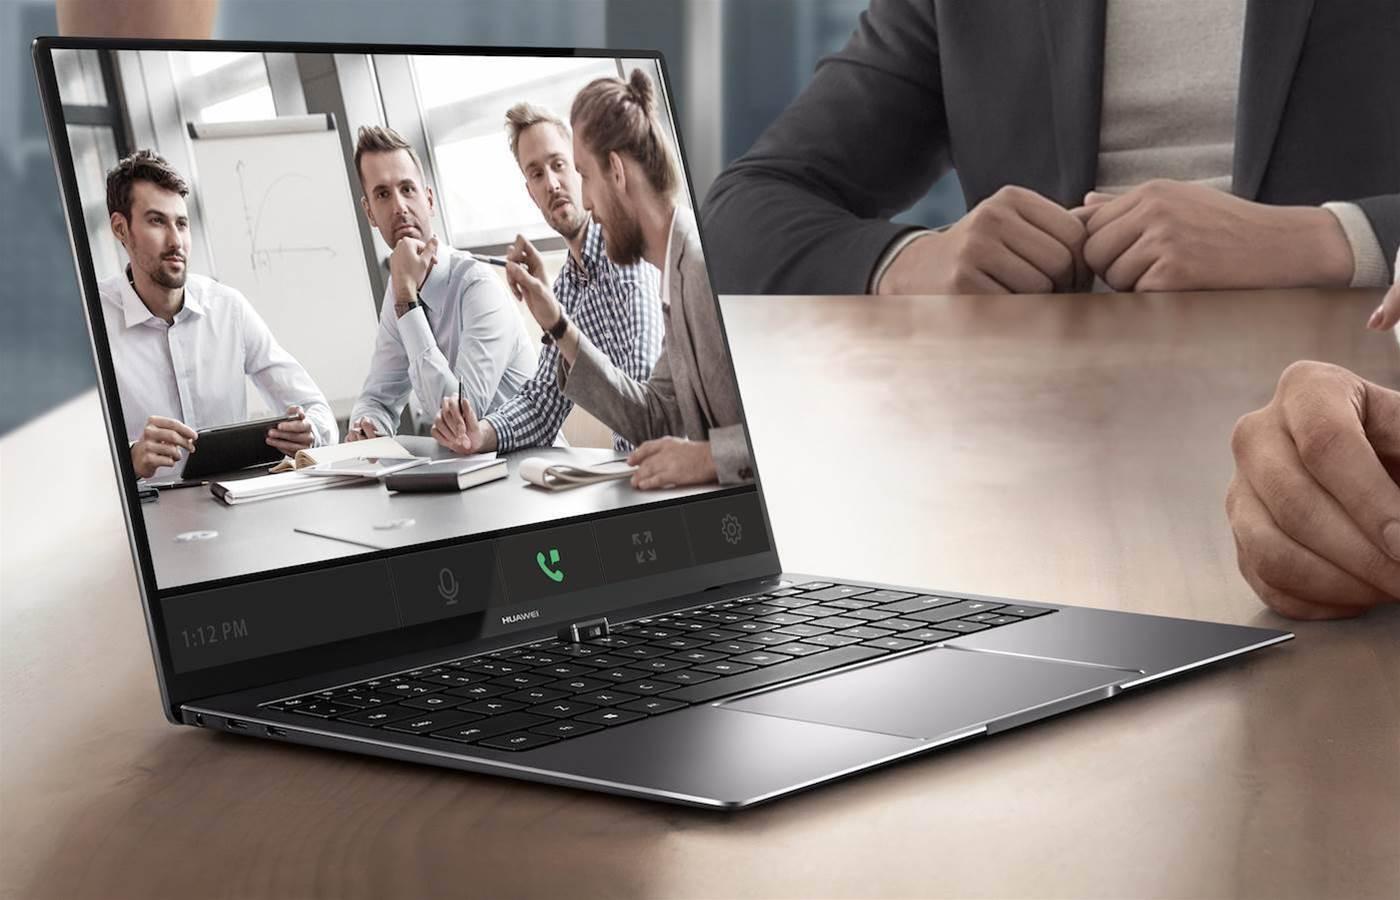 Huawei enters Australian laptop market